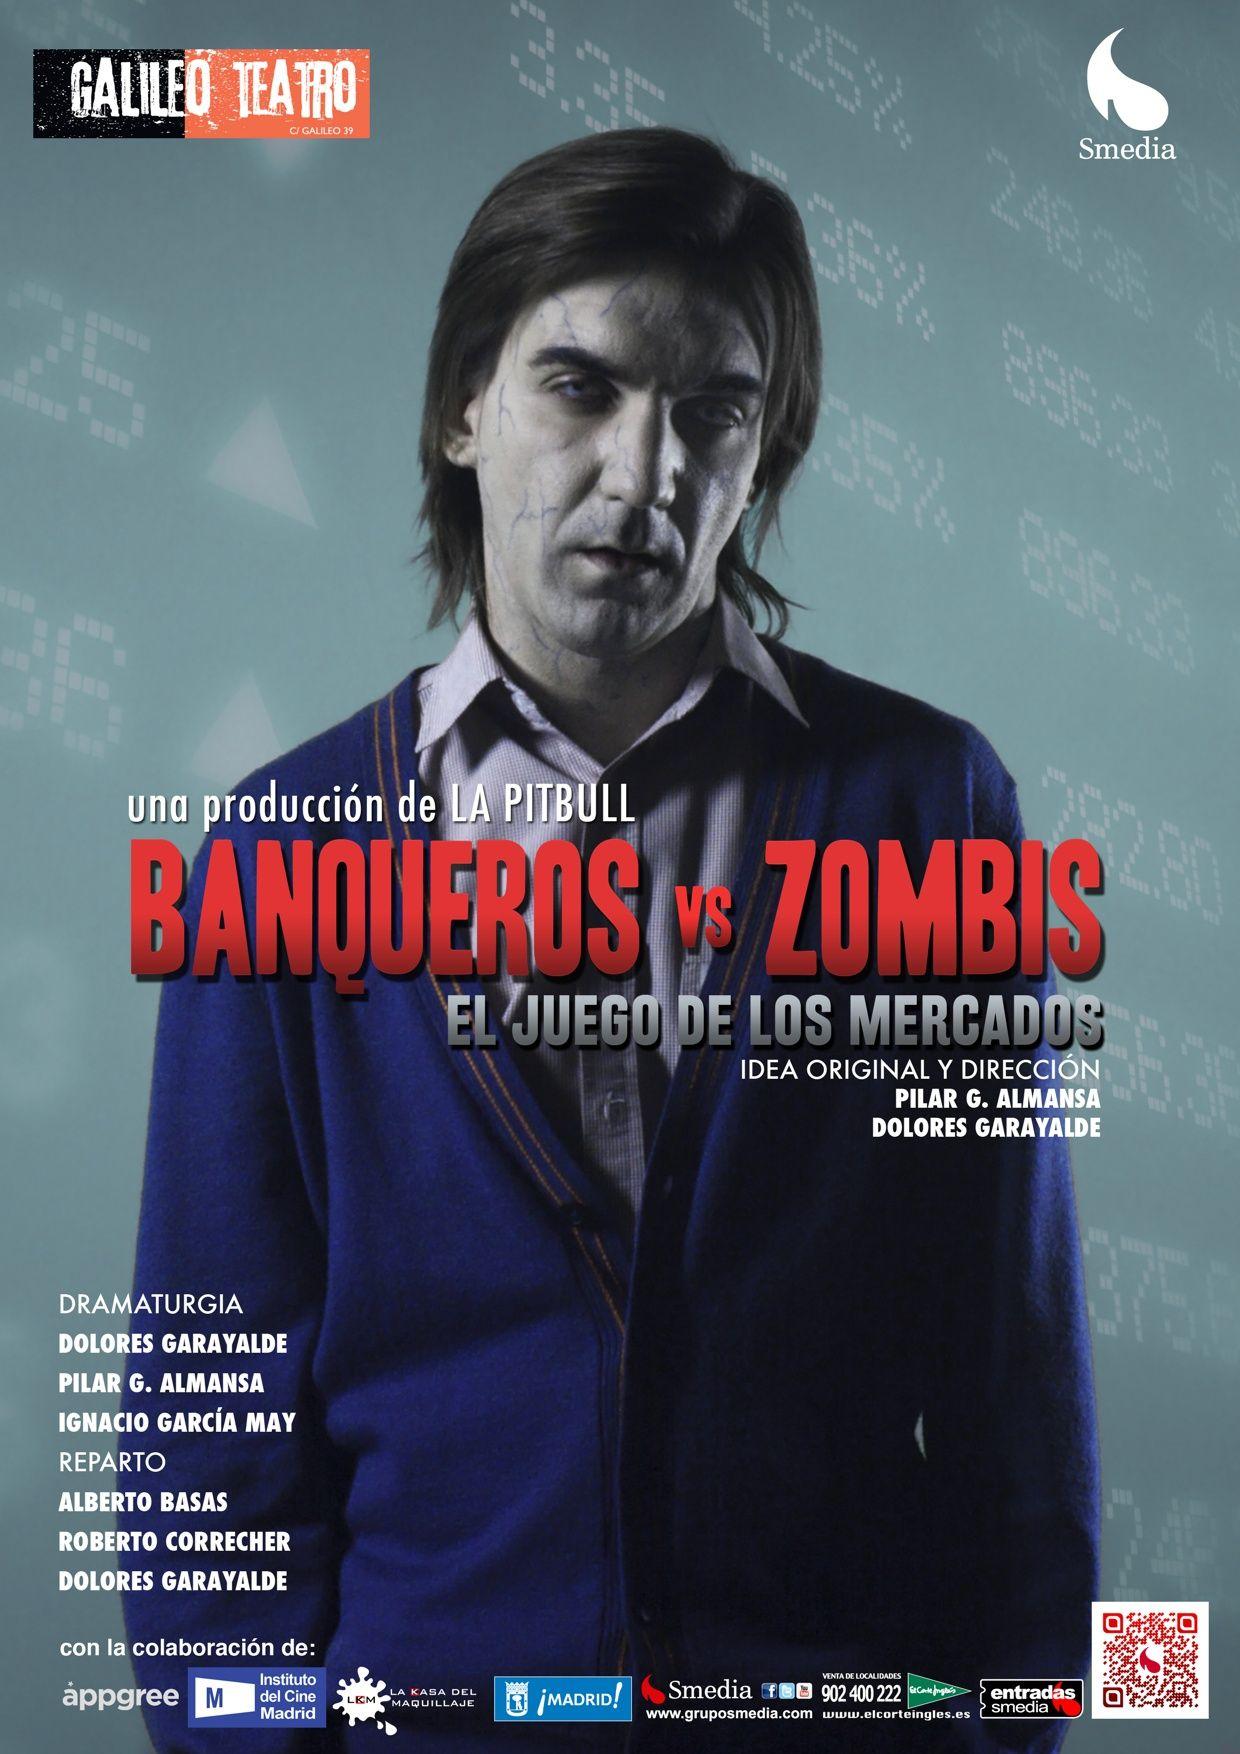 """¡Tenemos una gran noticia! Ya están disponibles las entradas para """"Banqueros vs zombis"""", la obra de teatro en la que hemos colaborado. Nosotros ya tenemos nuestra entrada. ¡Consigue la tuya en Atrápalo.com con descuentos de hasta el 45%!"""